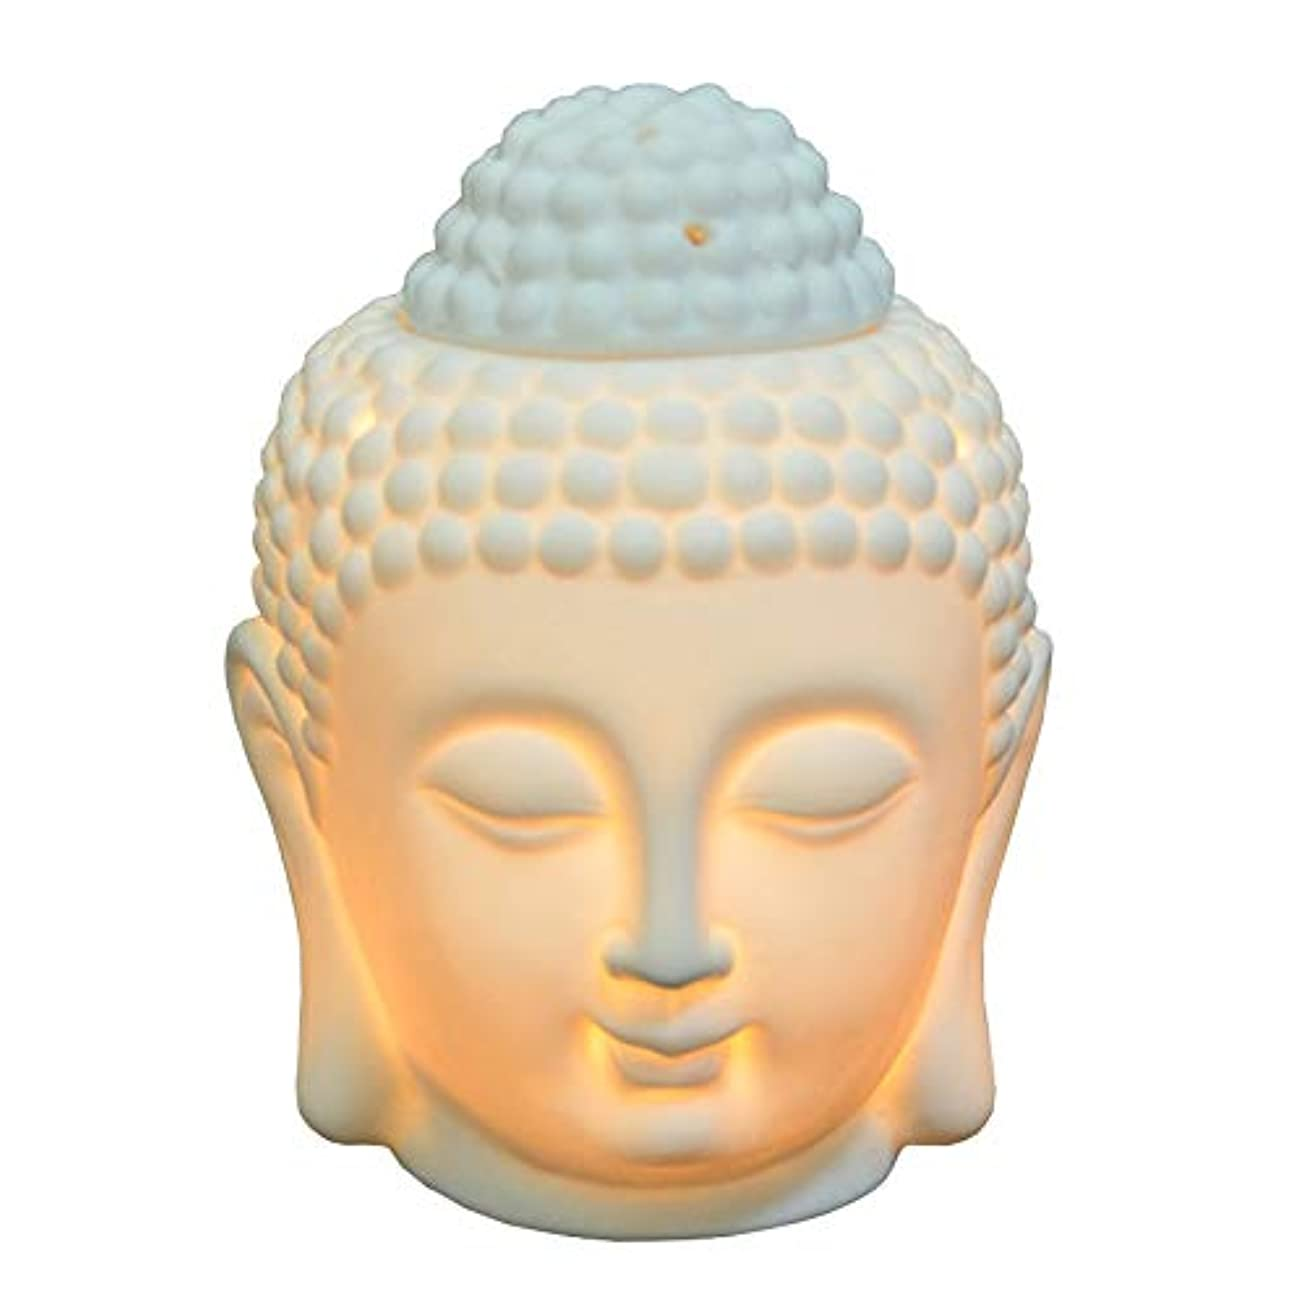 ラベル顎ジョイント仏頭像オイルバーナー半透明セラミックアロマディフューザー家の装飾